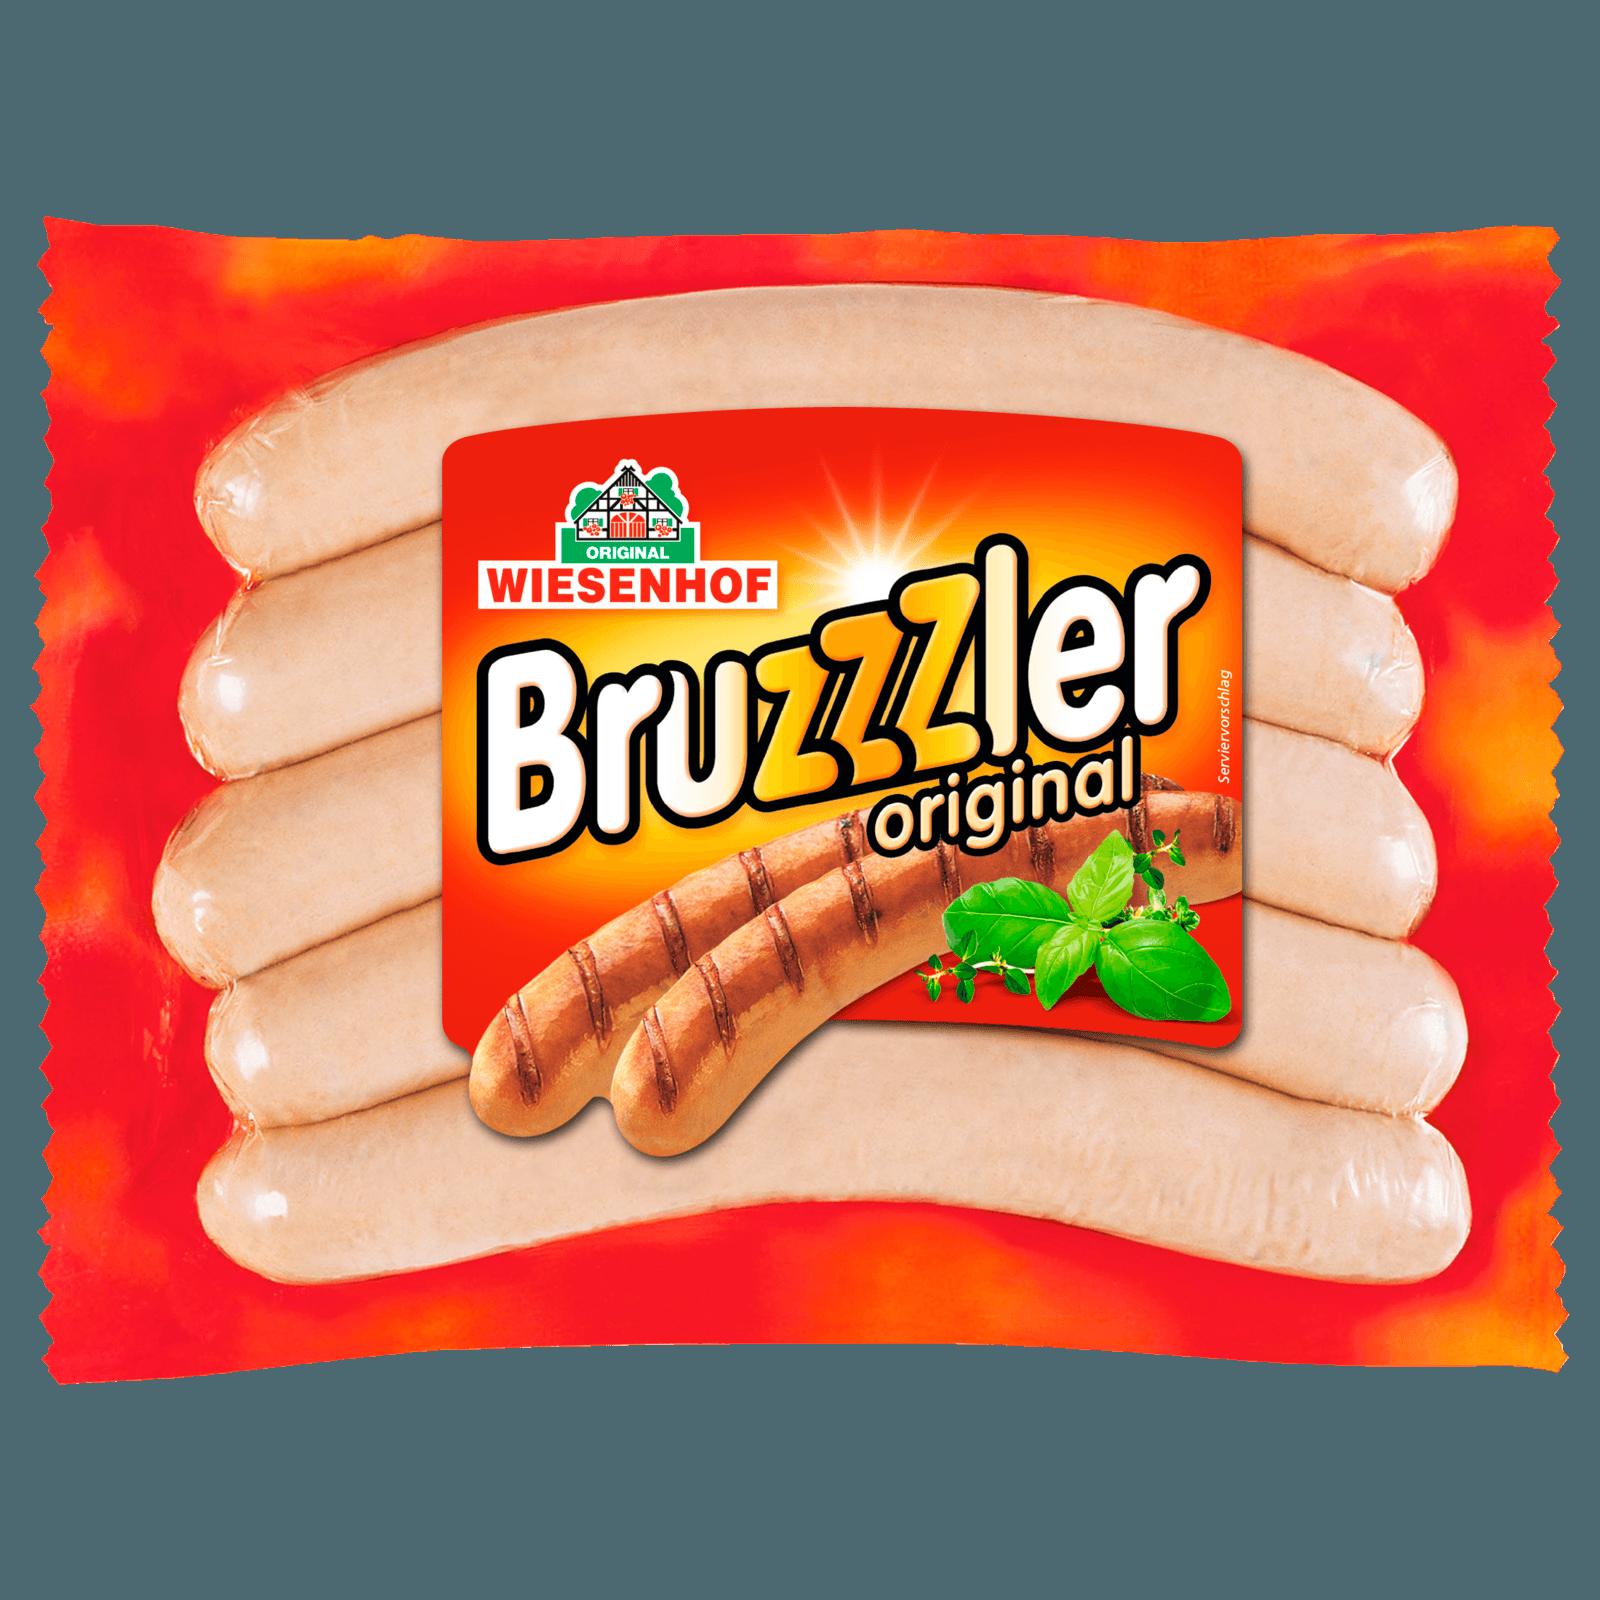 Wiesenhof Bruzzzler 400g